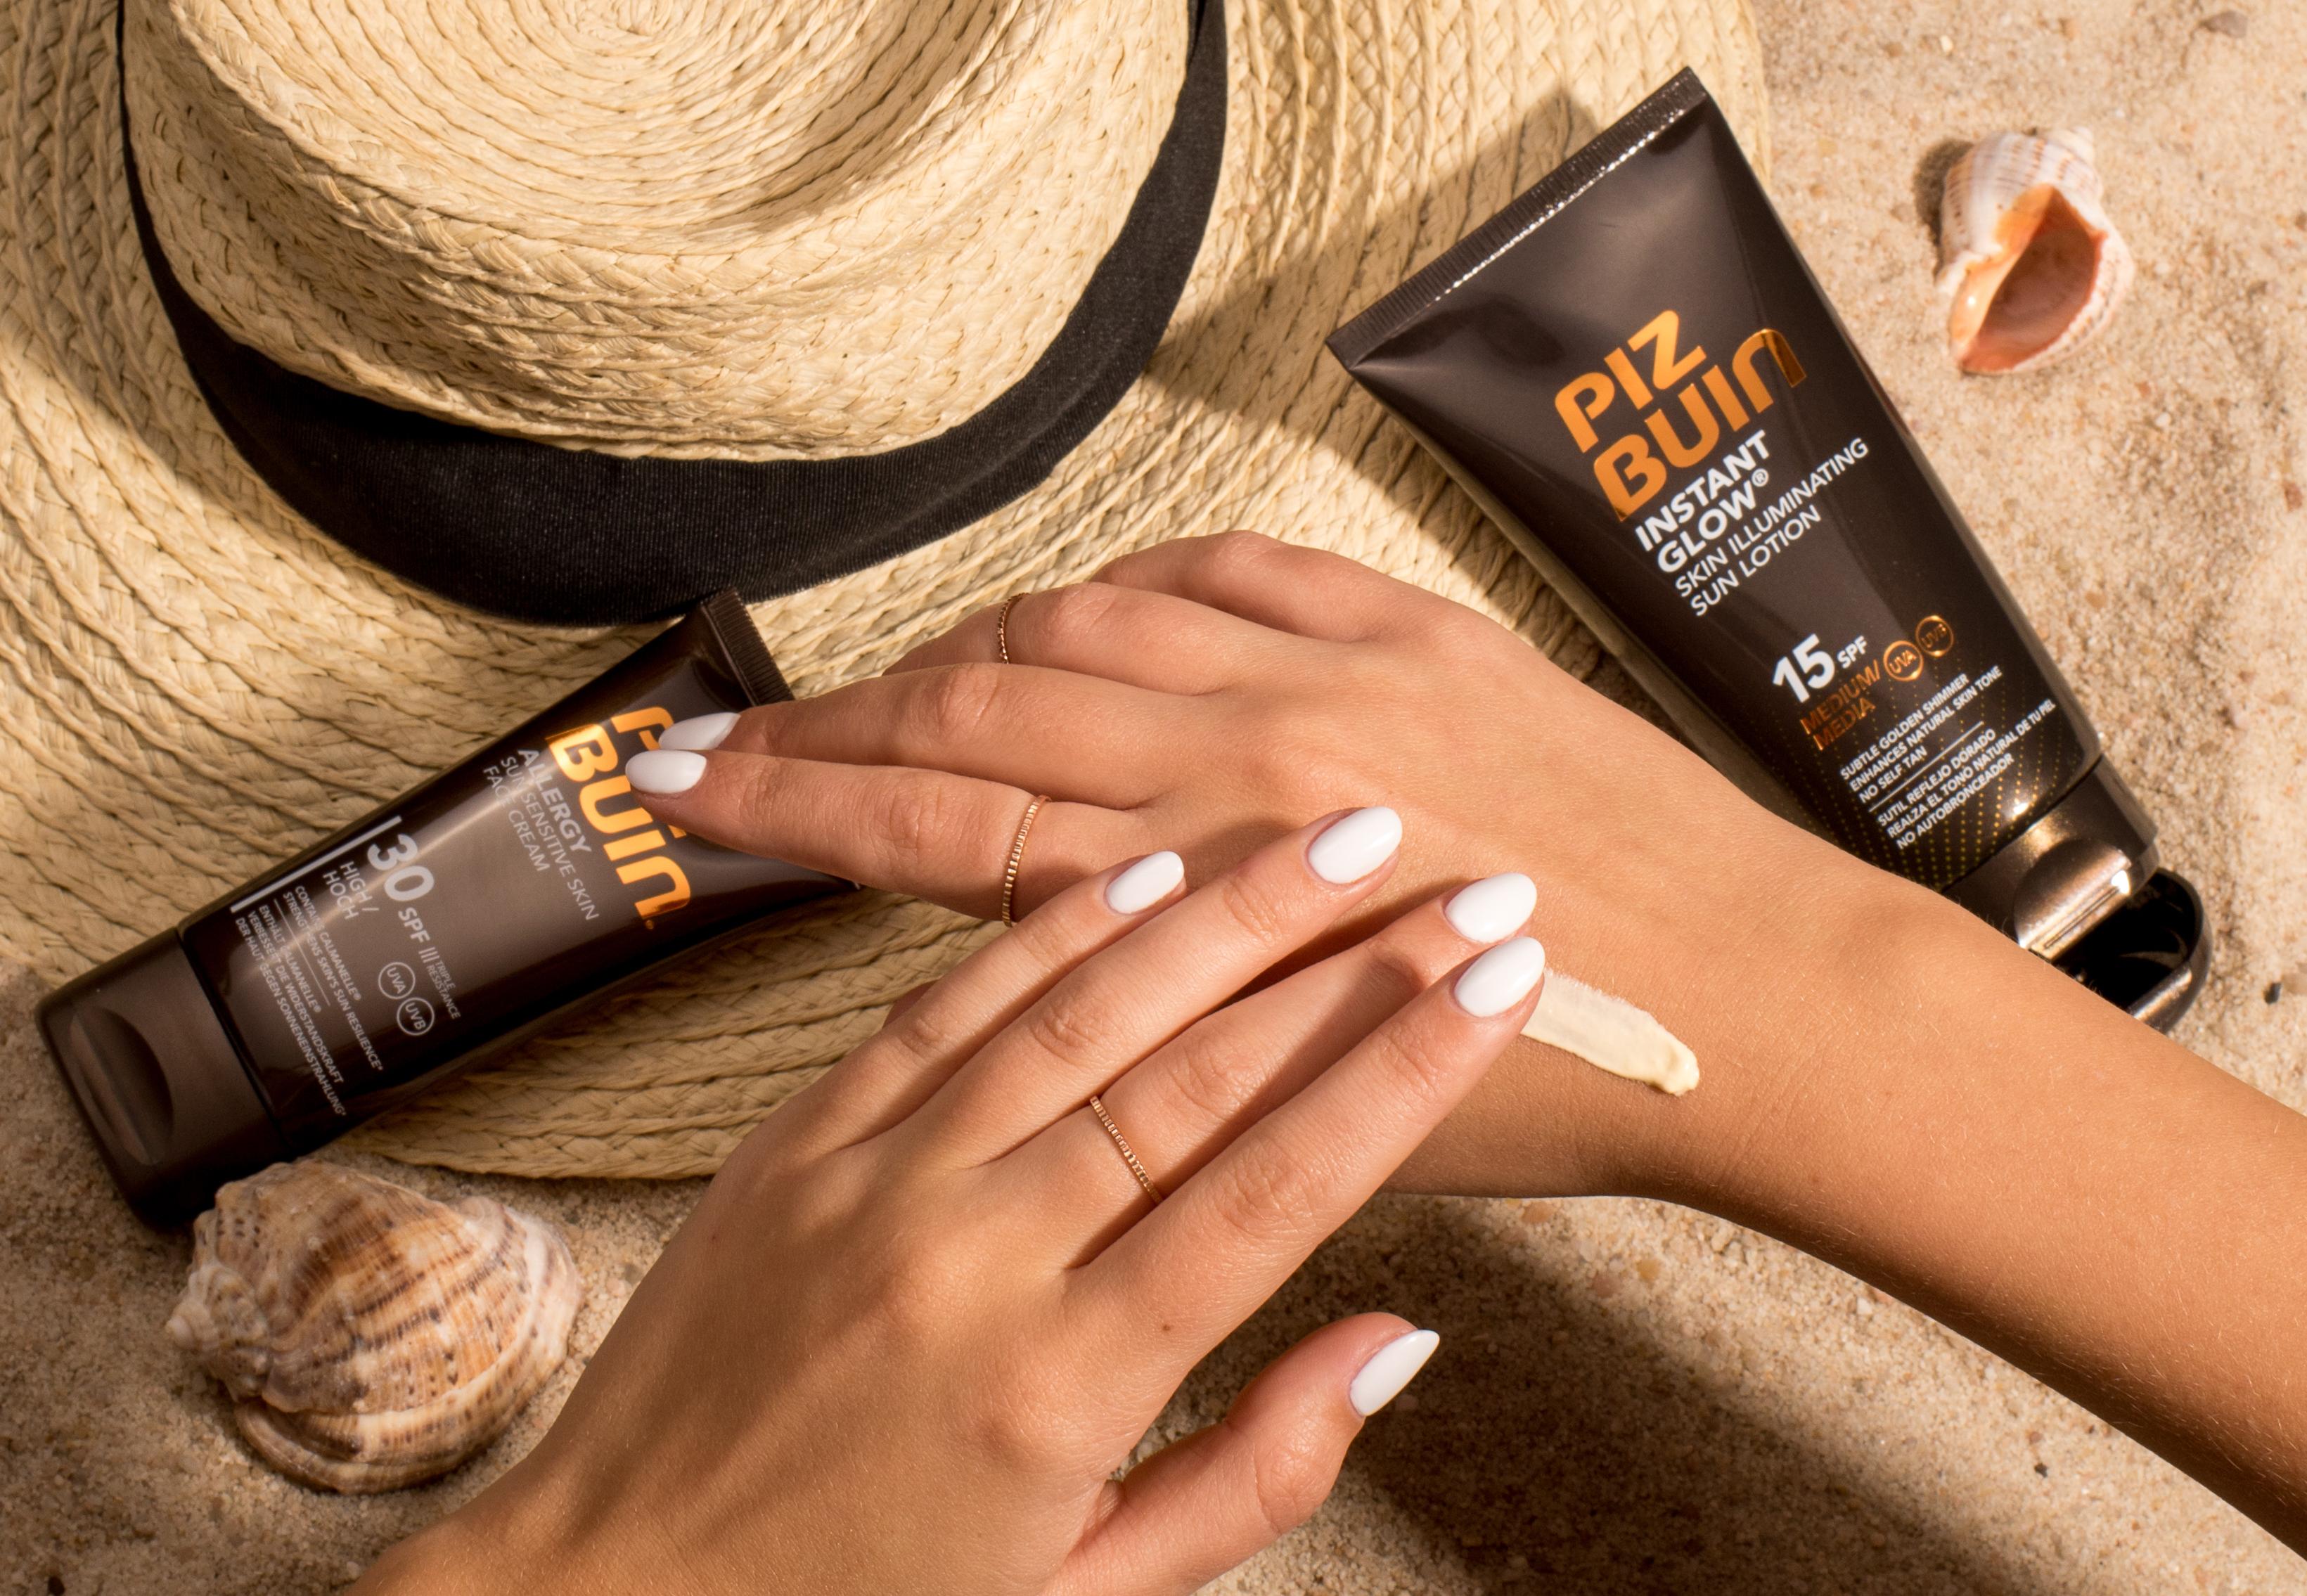 Ženské ruce na pláži, které rozmazávají opalovací krém. Slaměný klobouk na pláži a dva krémy na opalování Piz Buin.